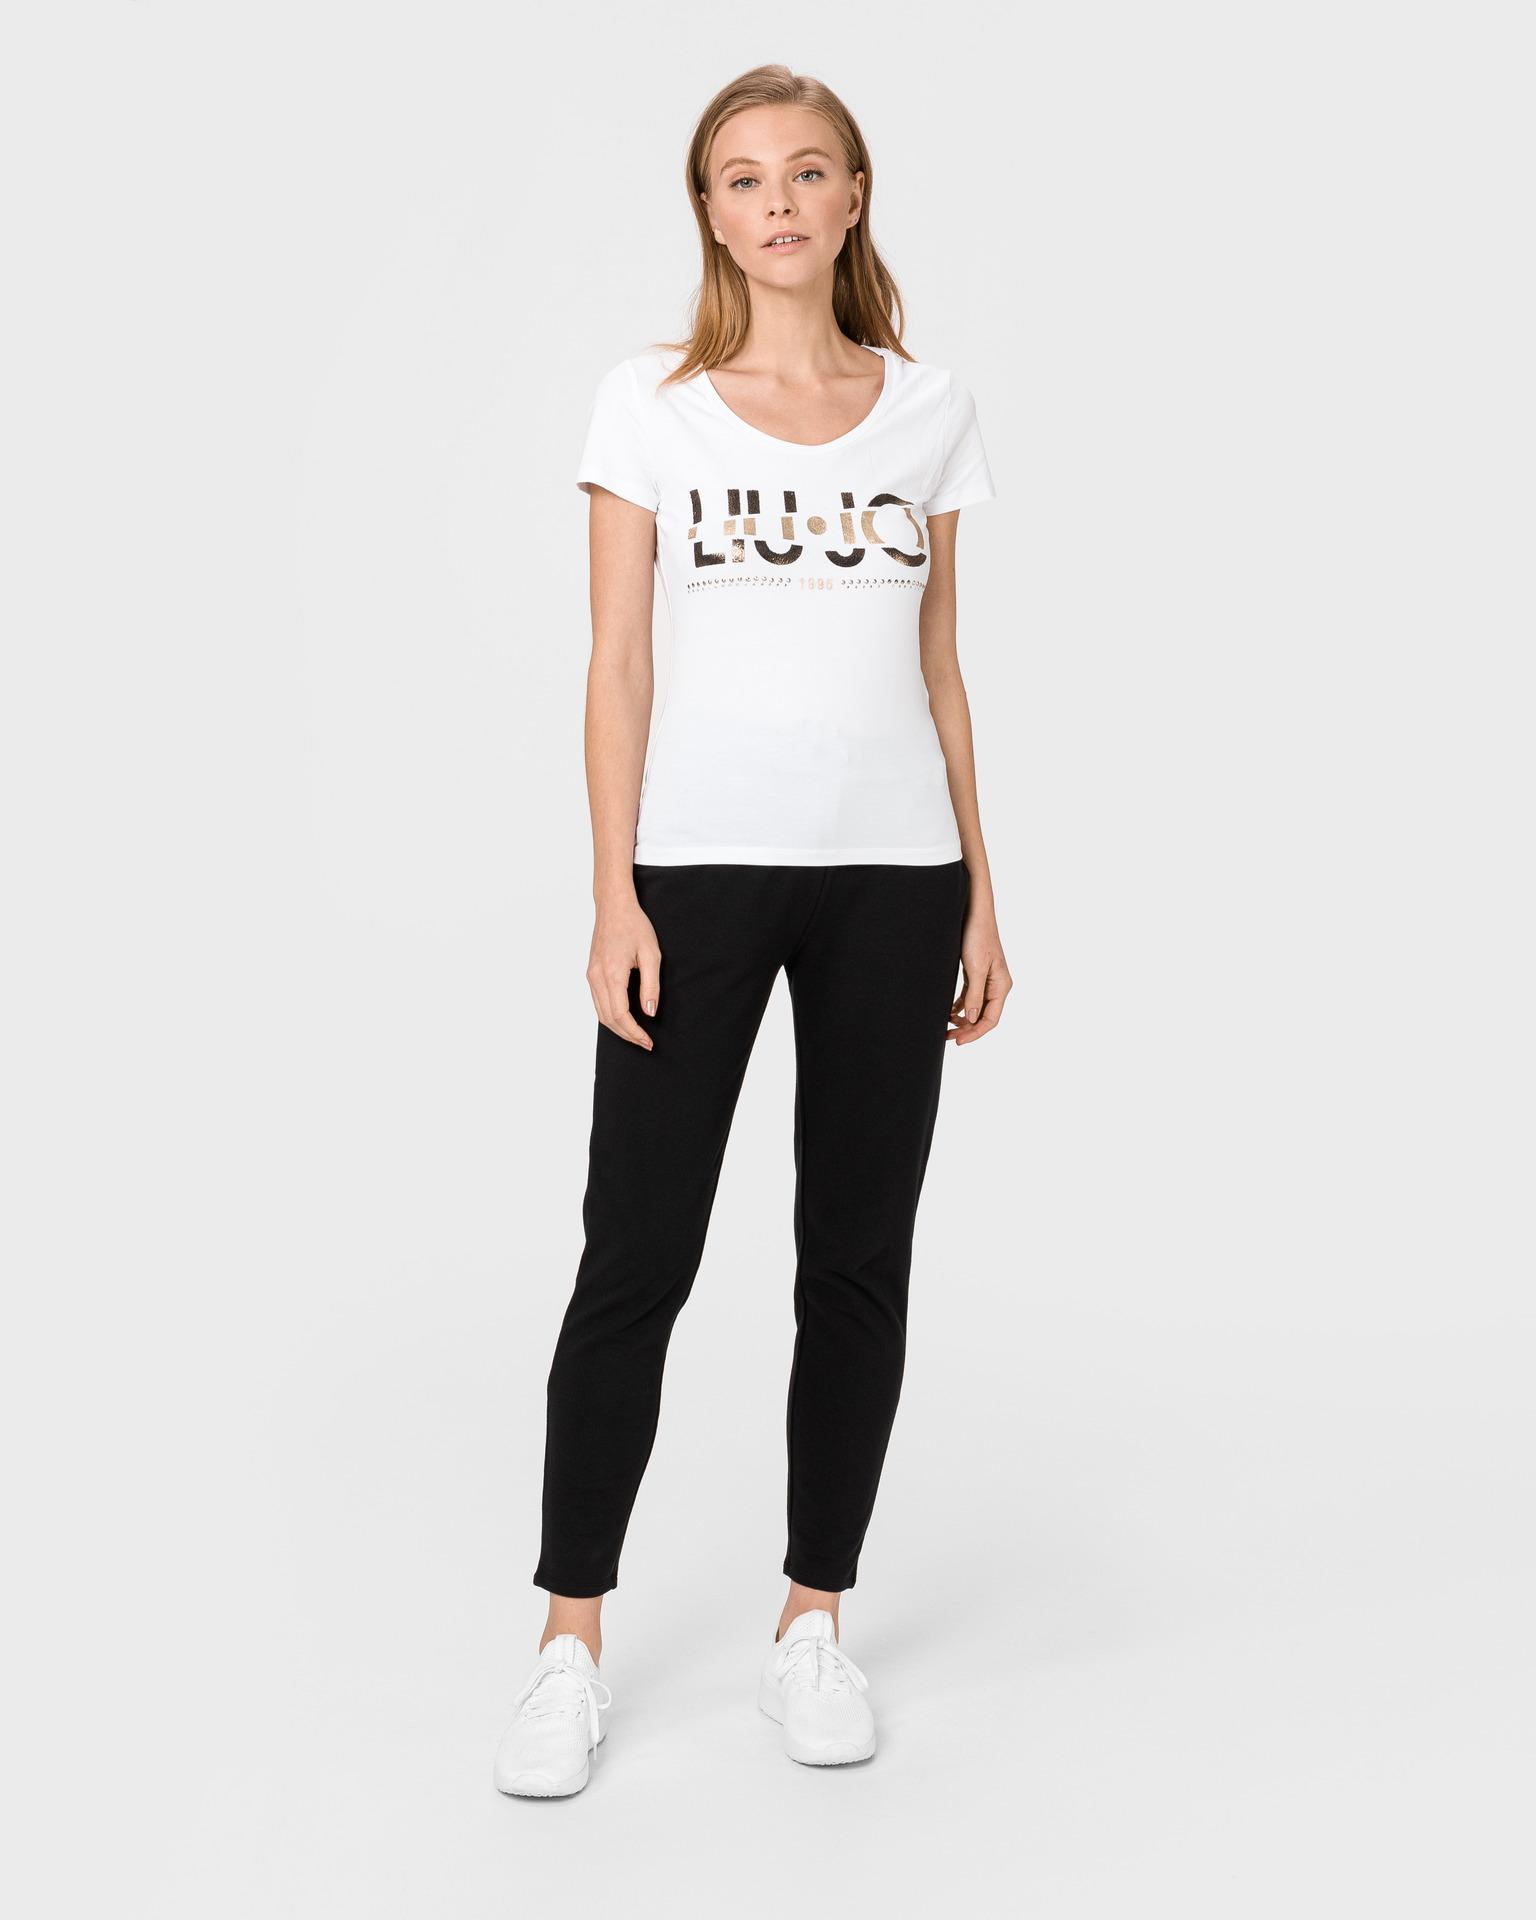 Liu Jo bianco da donna maglietta